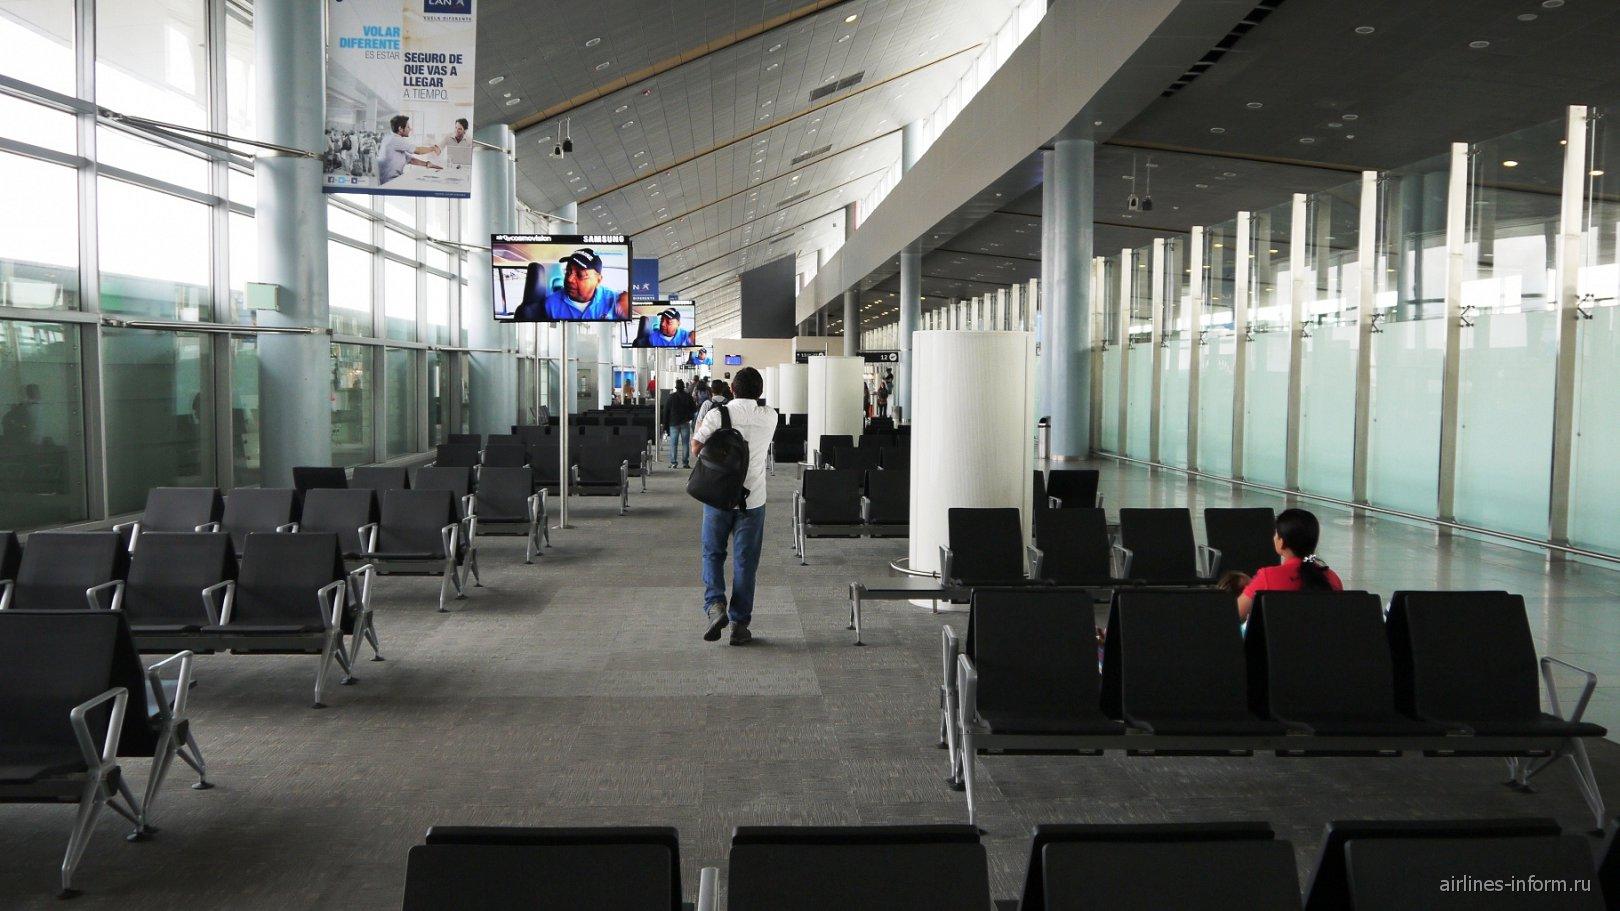 Зал ожидания в чистой зоне терминала внутренних рейсов аэропорта Богота Эльдорадо